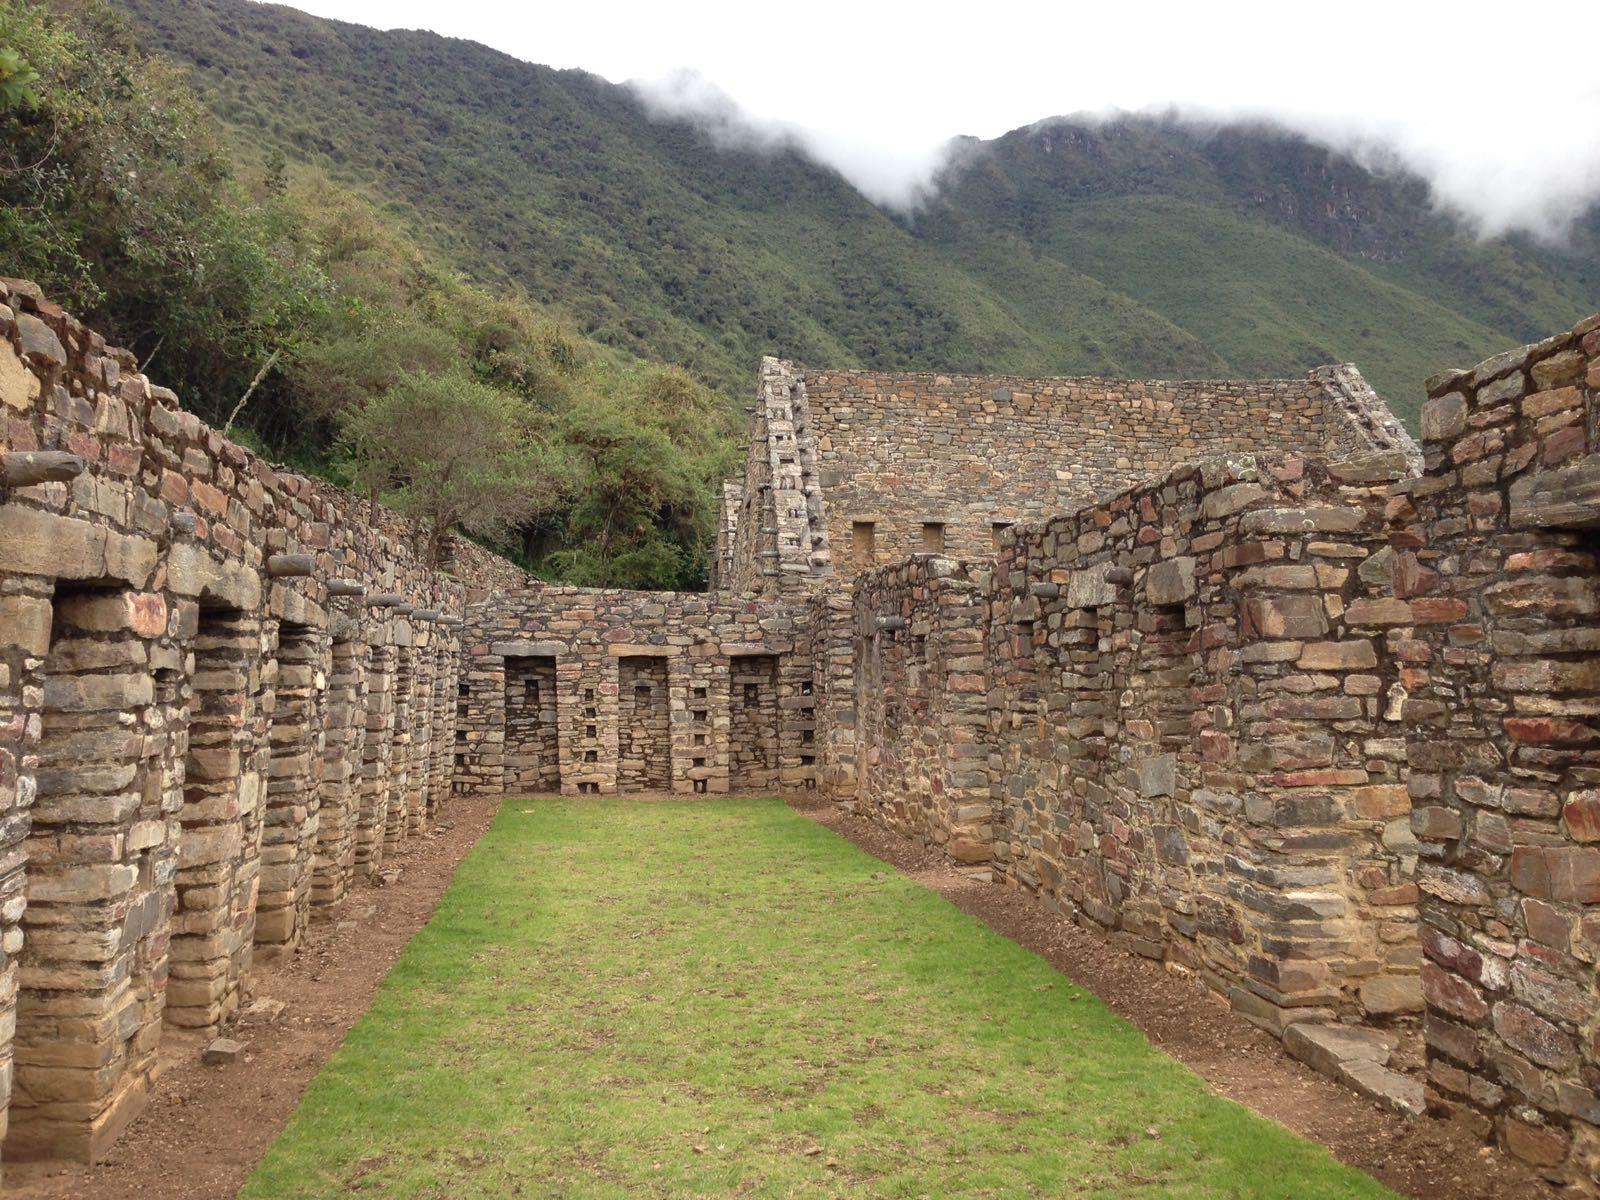 Choquiquerao